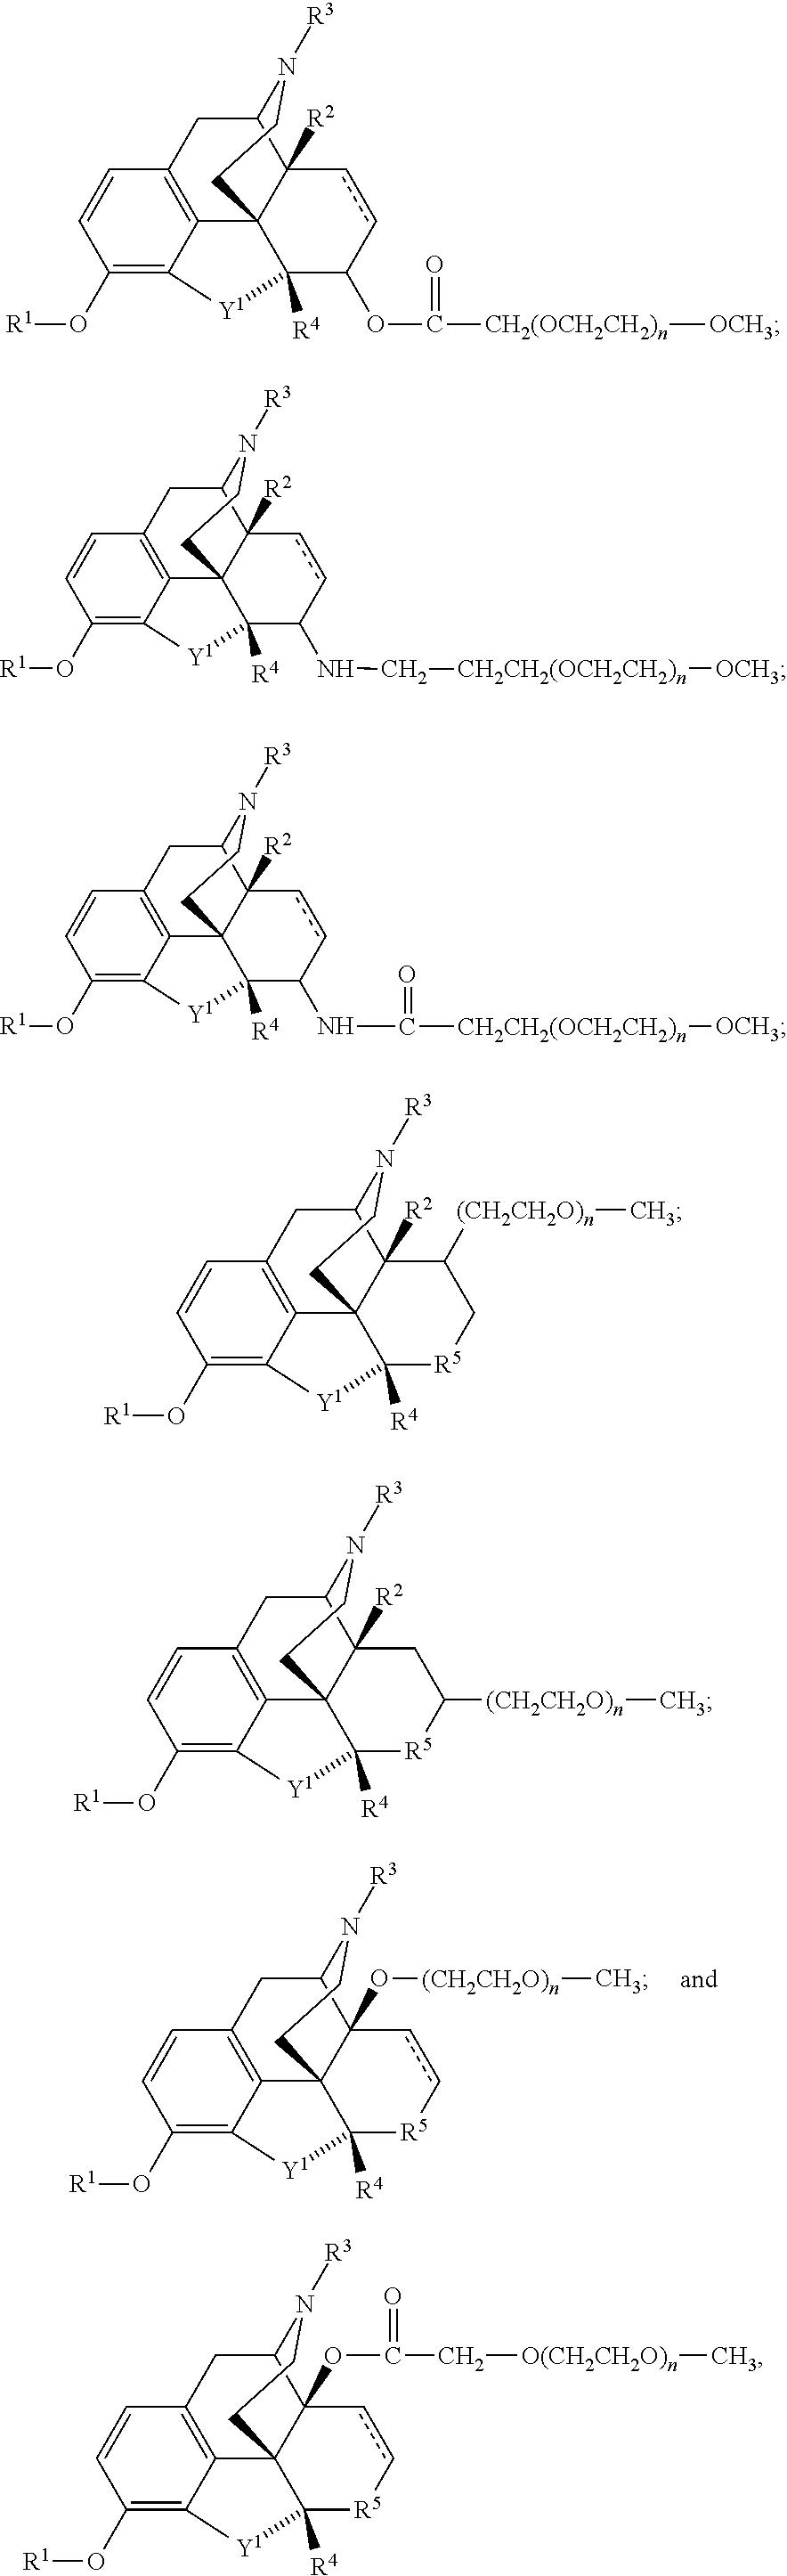 Figure US20190046523A1-20190214-C00014